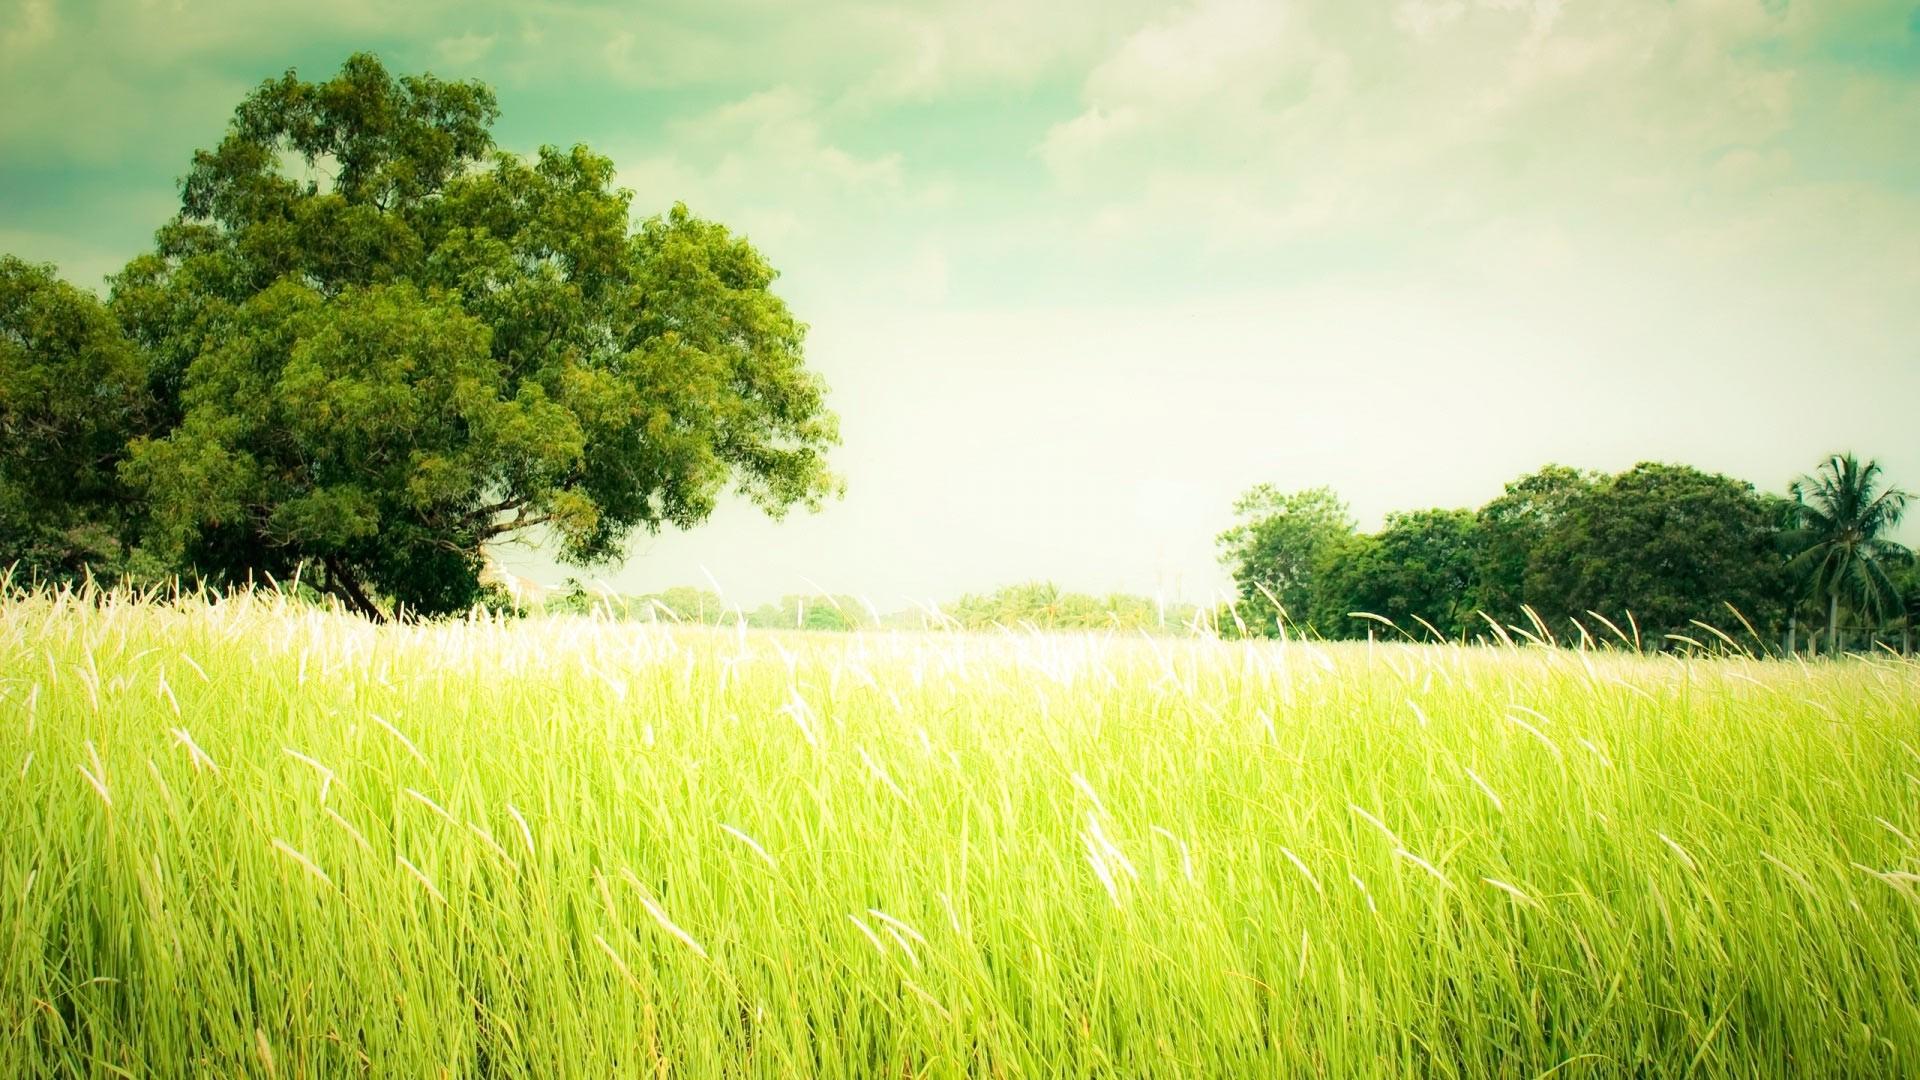 Seagrass Pic